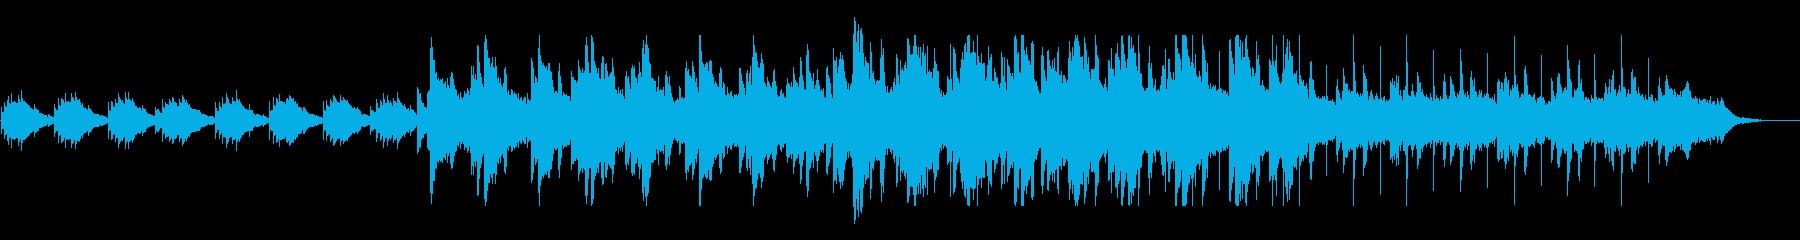 シリアス感と切ないピアノ・シンセテクノの再生済みの波形